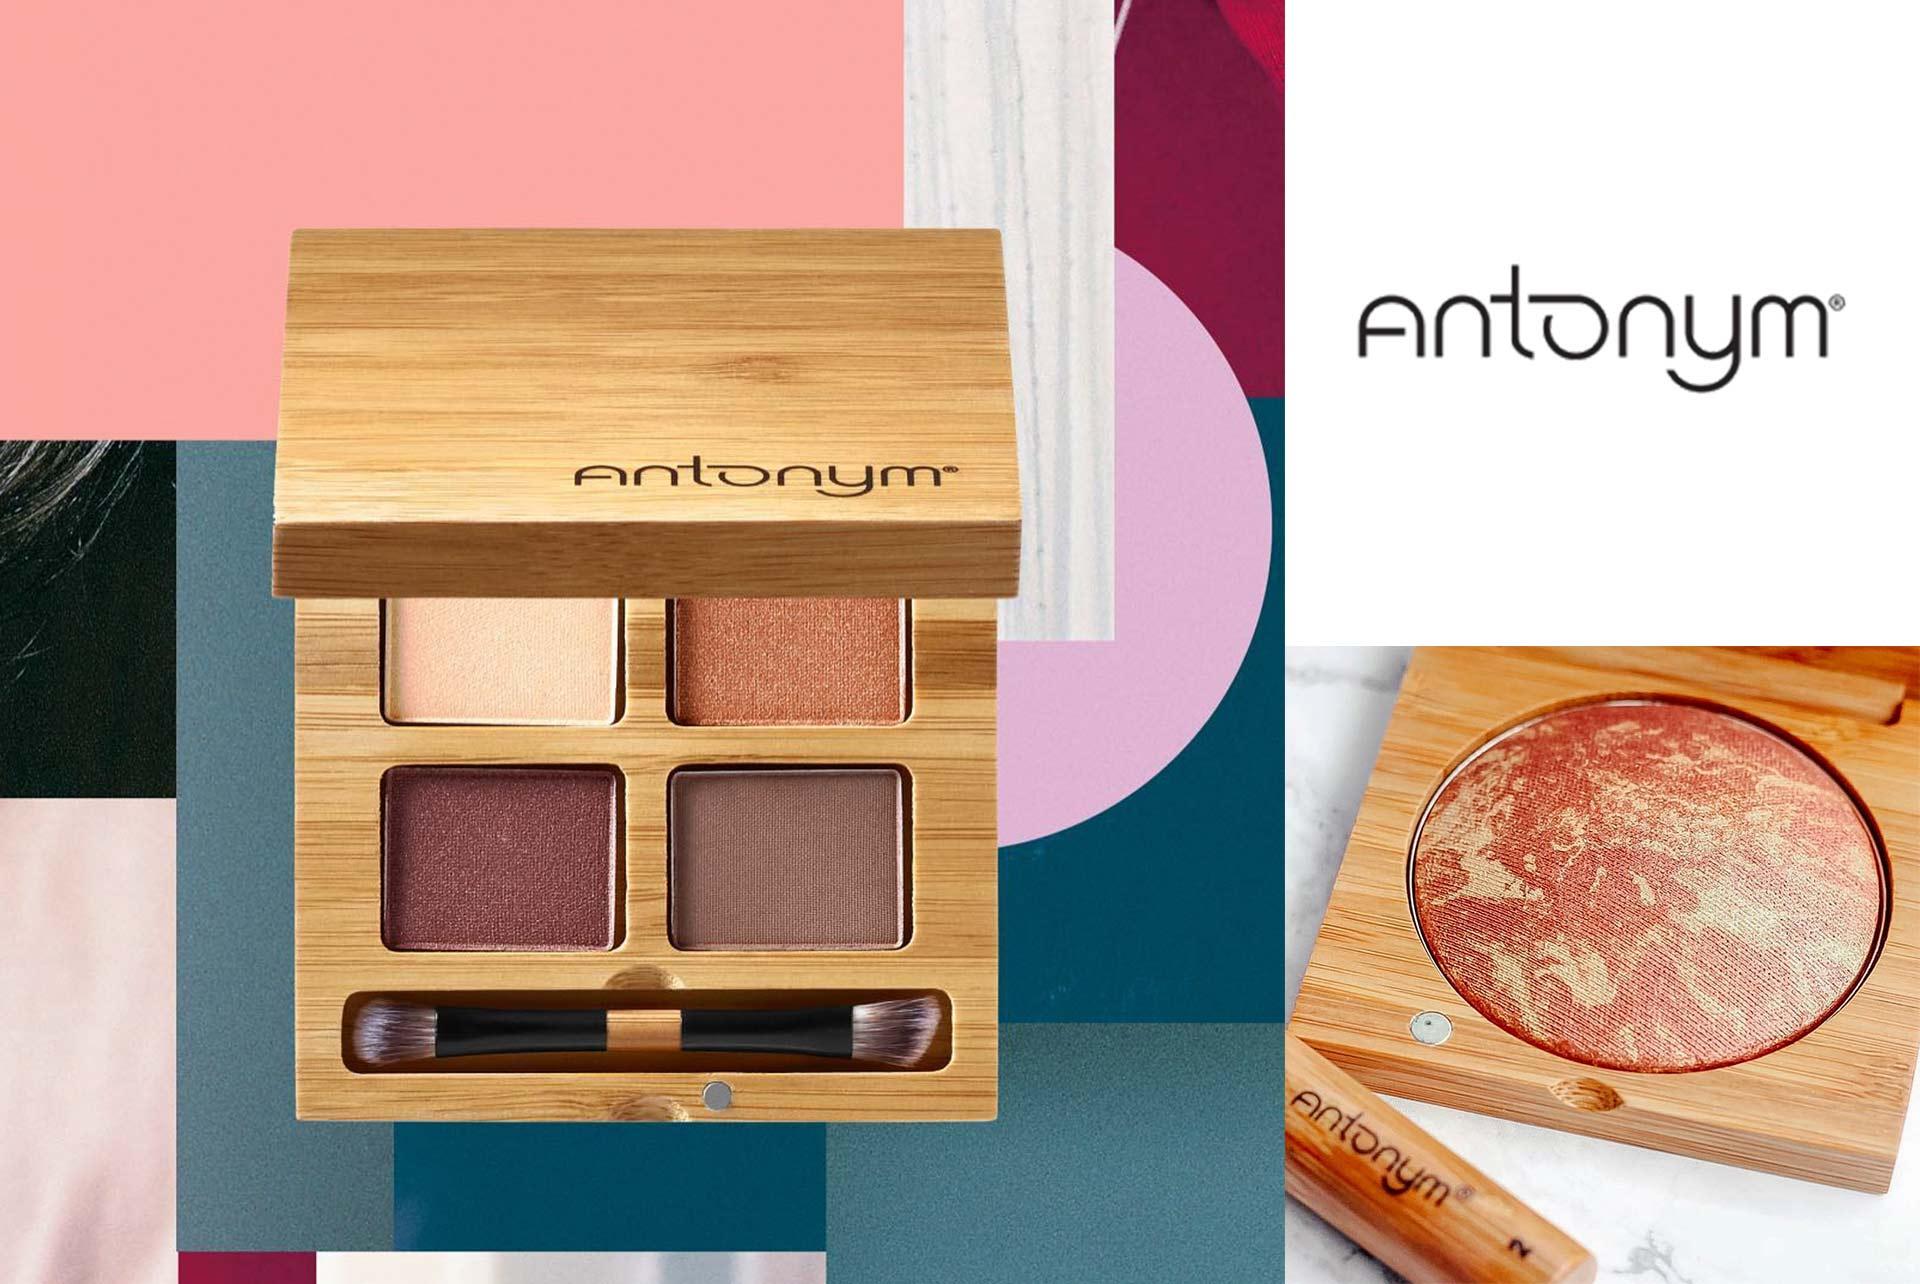 Is Antonym Cosmetics Cruelty-Free & Vegan?